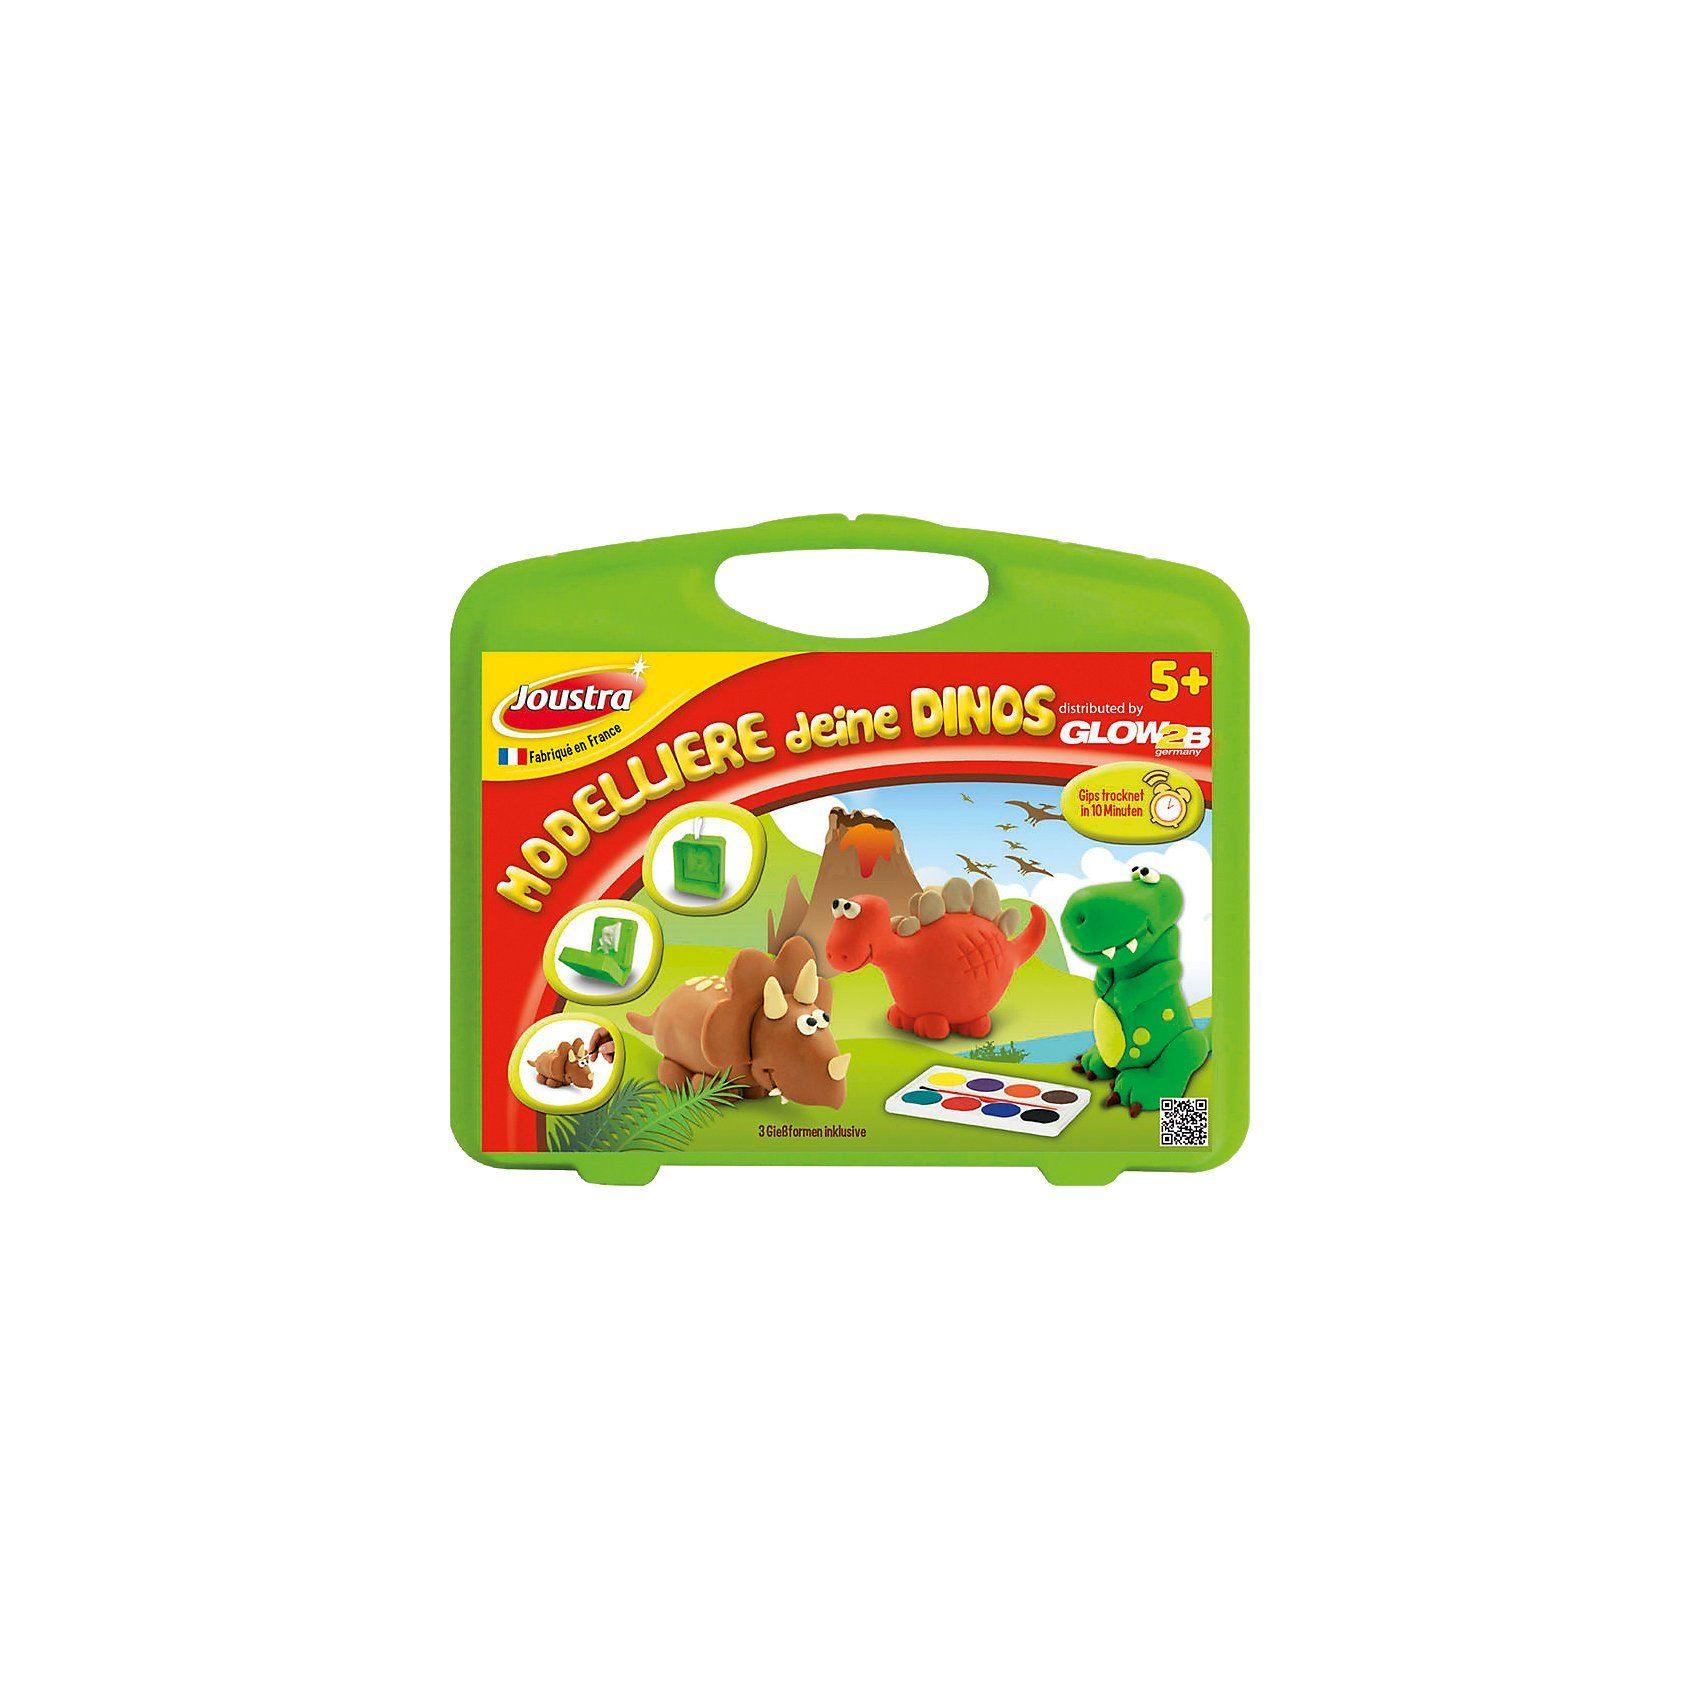 Glow2B Kreativset Modelliere deine Dinos